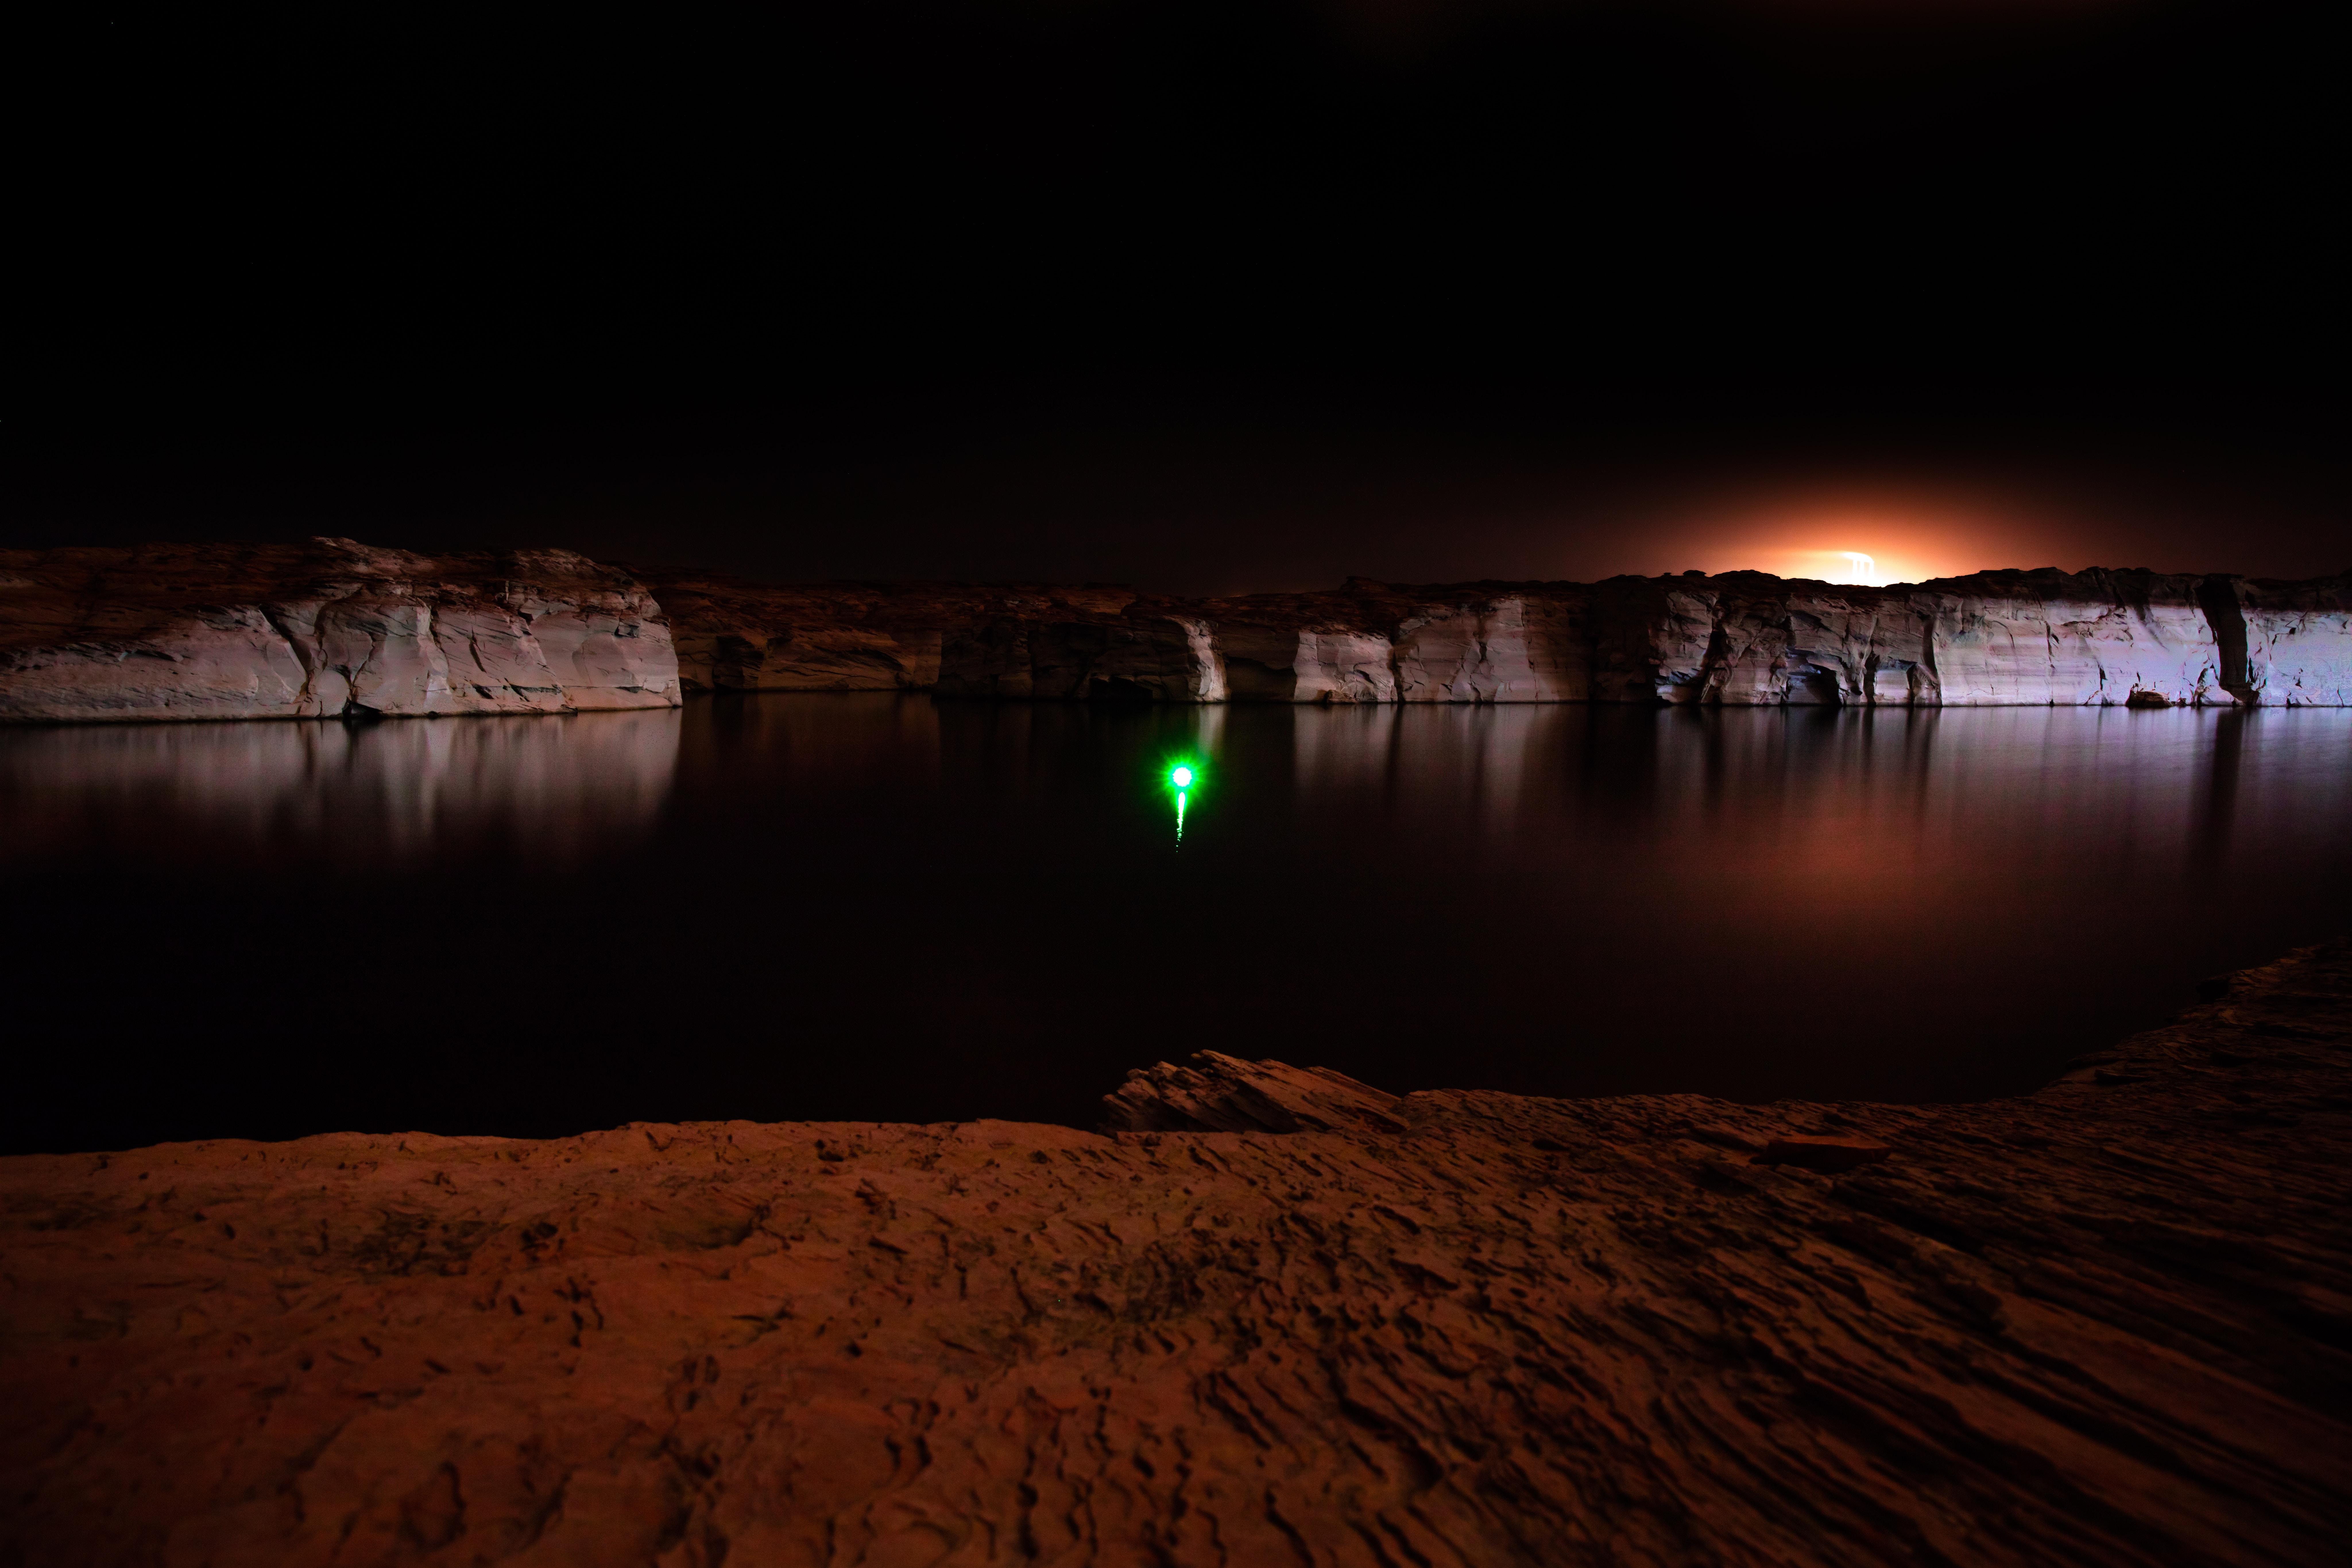 52470 Заставки и Обои Озеро на телефон. Скачать Озеро, Темные, Ночь, Каньон, Отражение, Свет картинки бесплатно